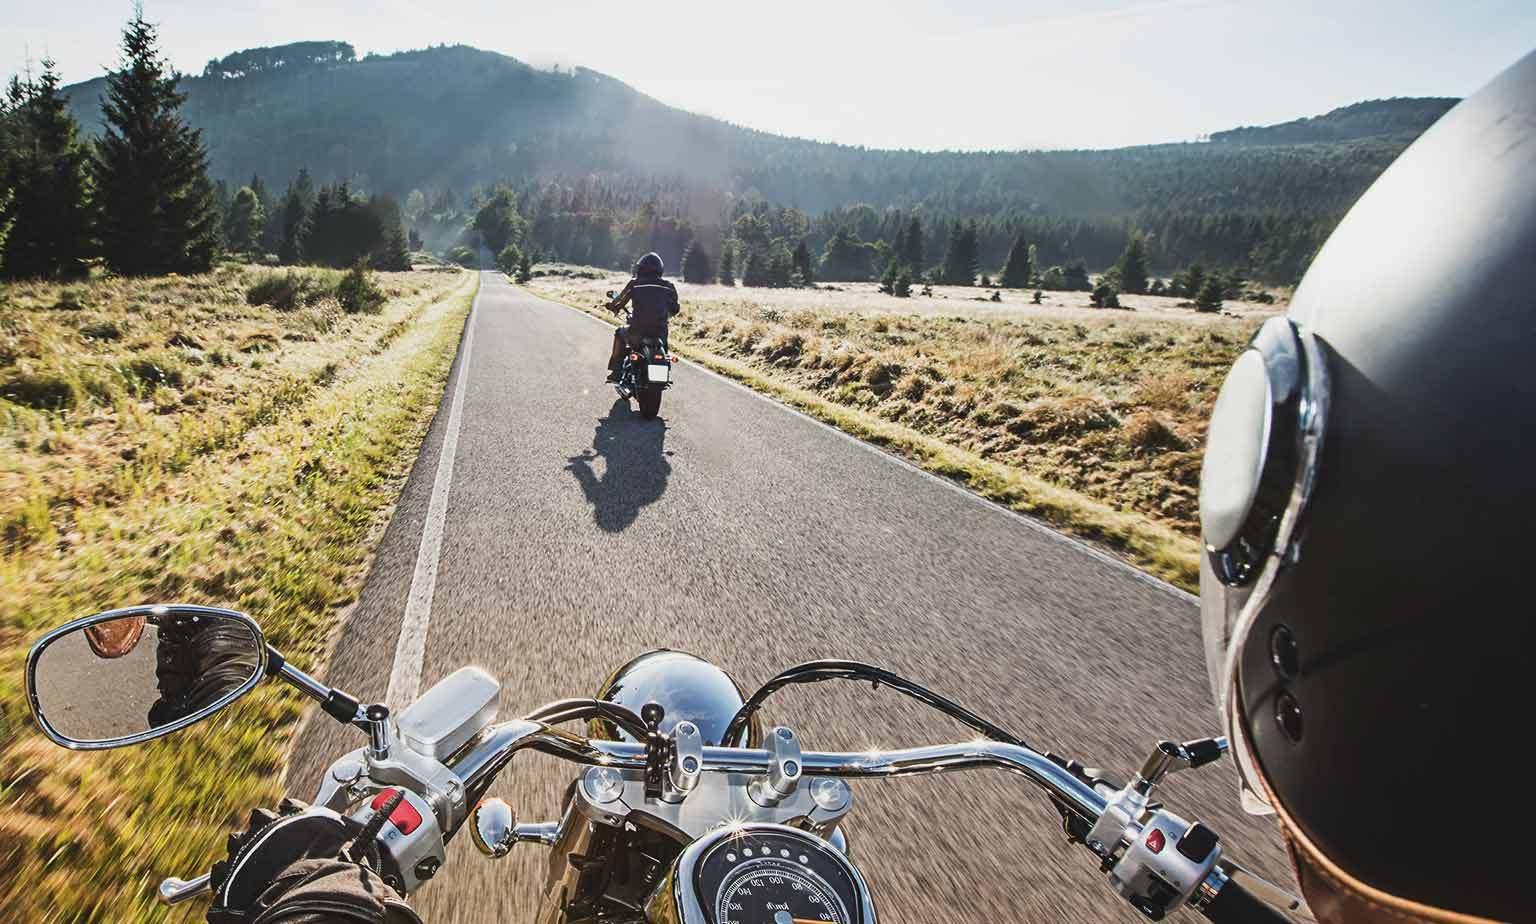 Startklar in die Motorradsaison